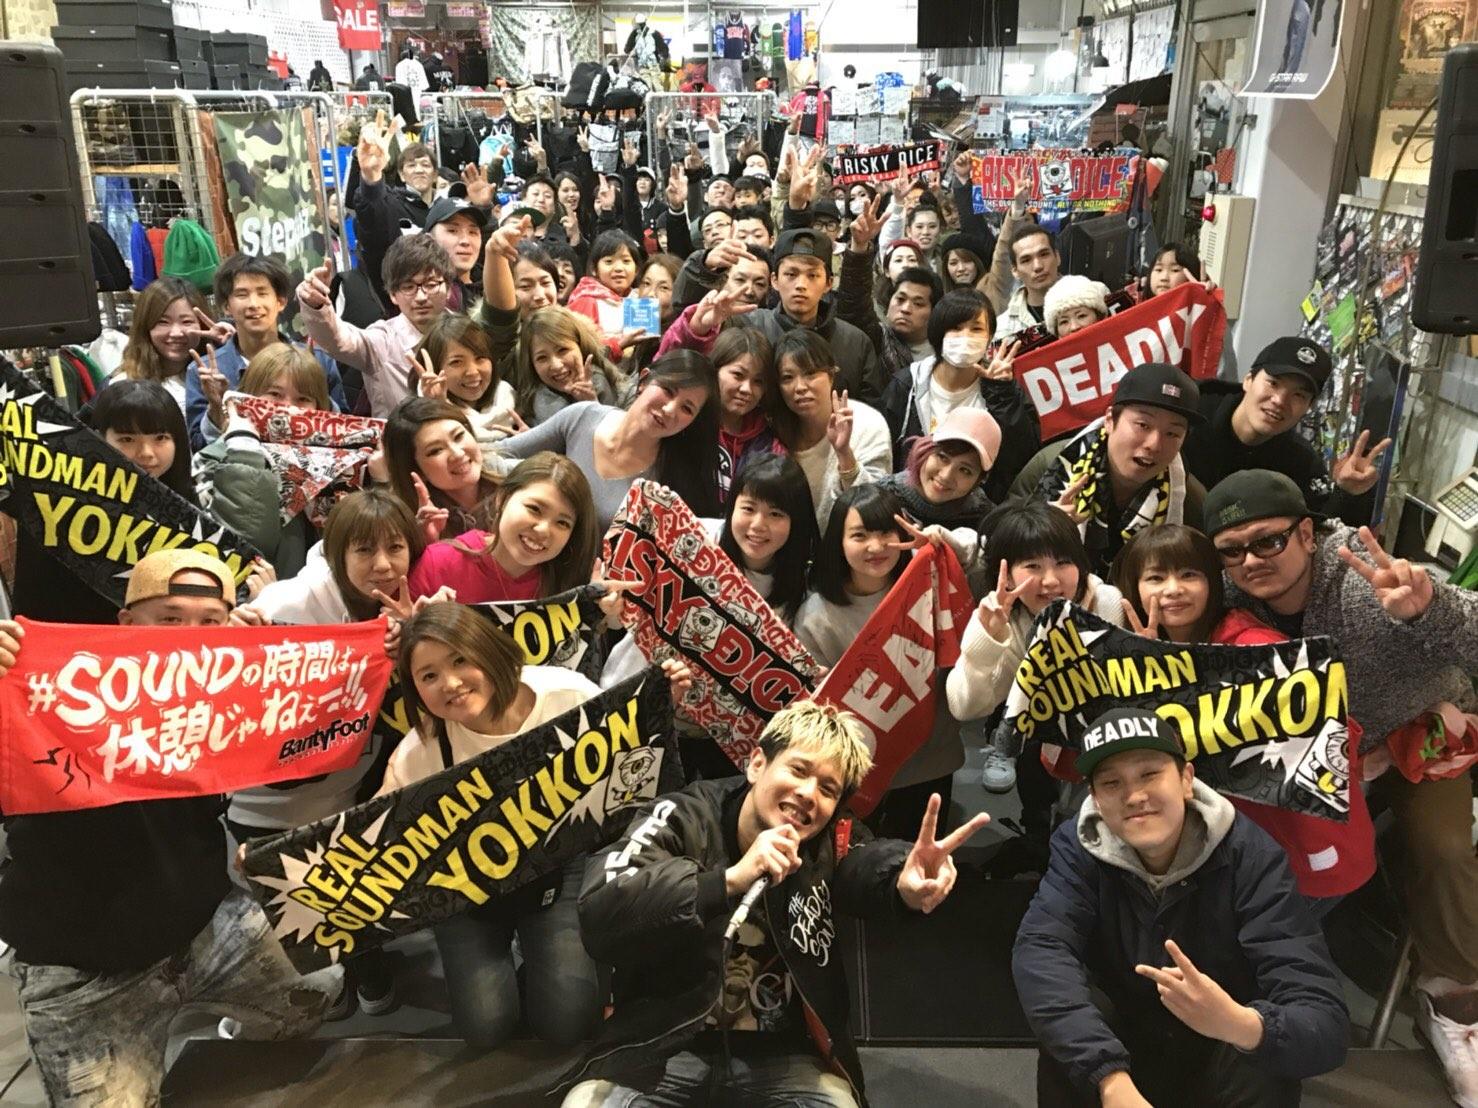 2018年1月3日 「新春明けましてもRISKY DICE」in 名古屋 at ALPHA PLUS